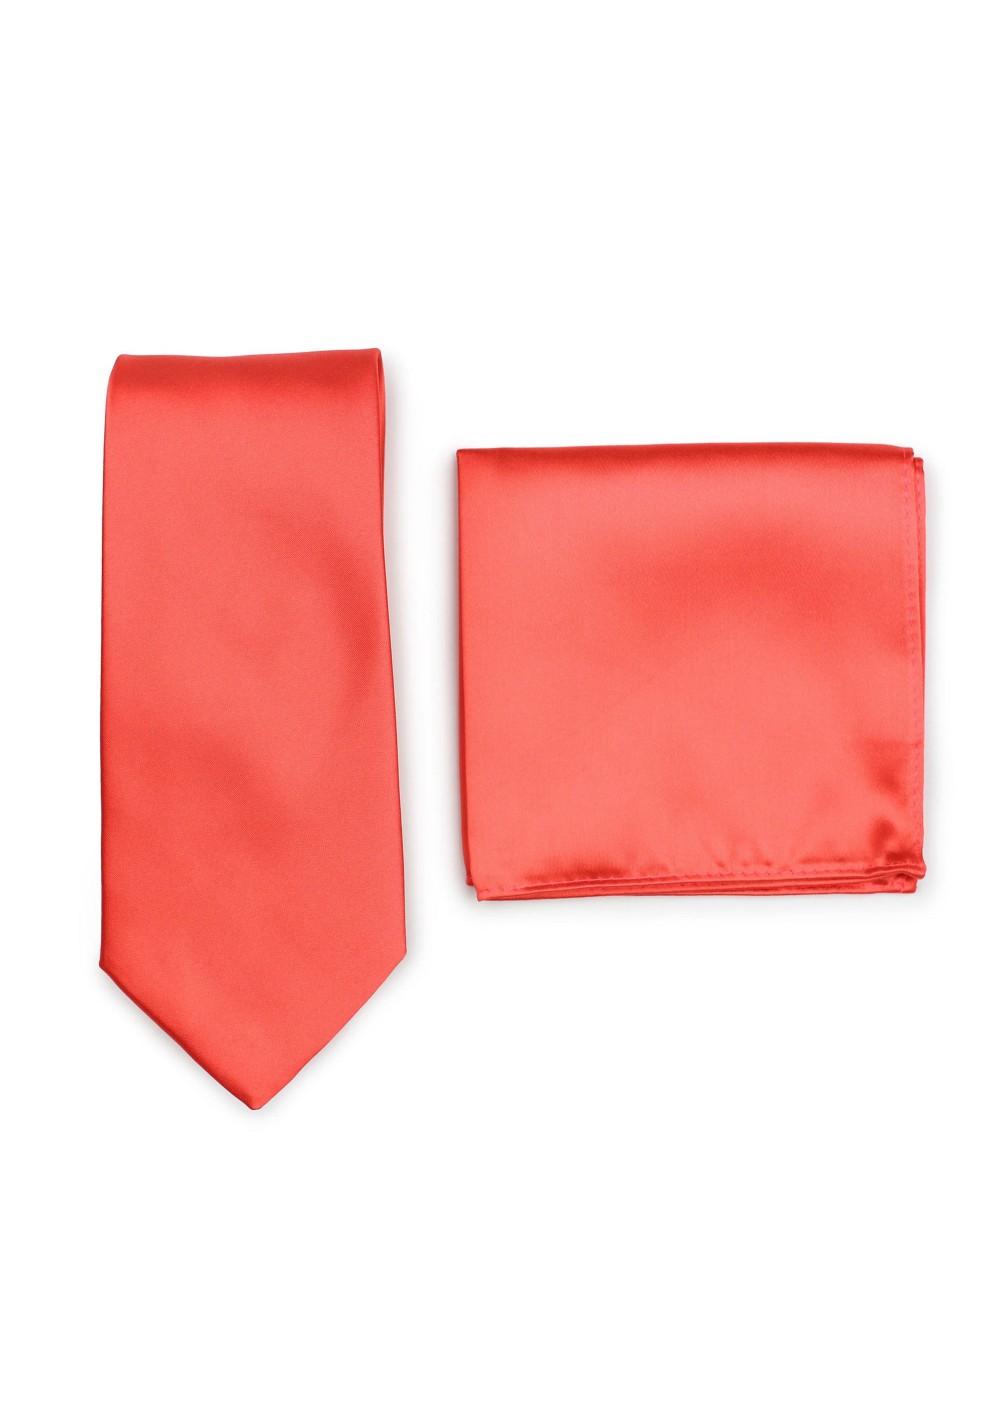 Noen Coral Necktie and Hanky Set